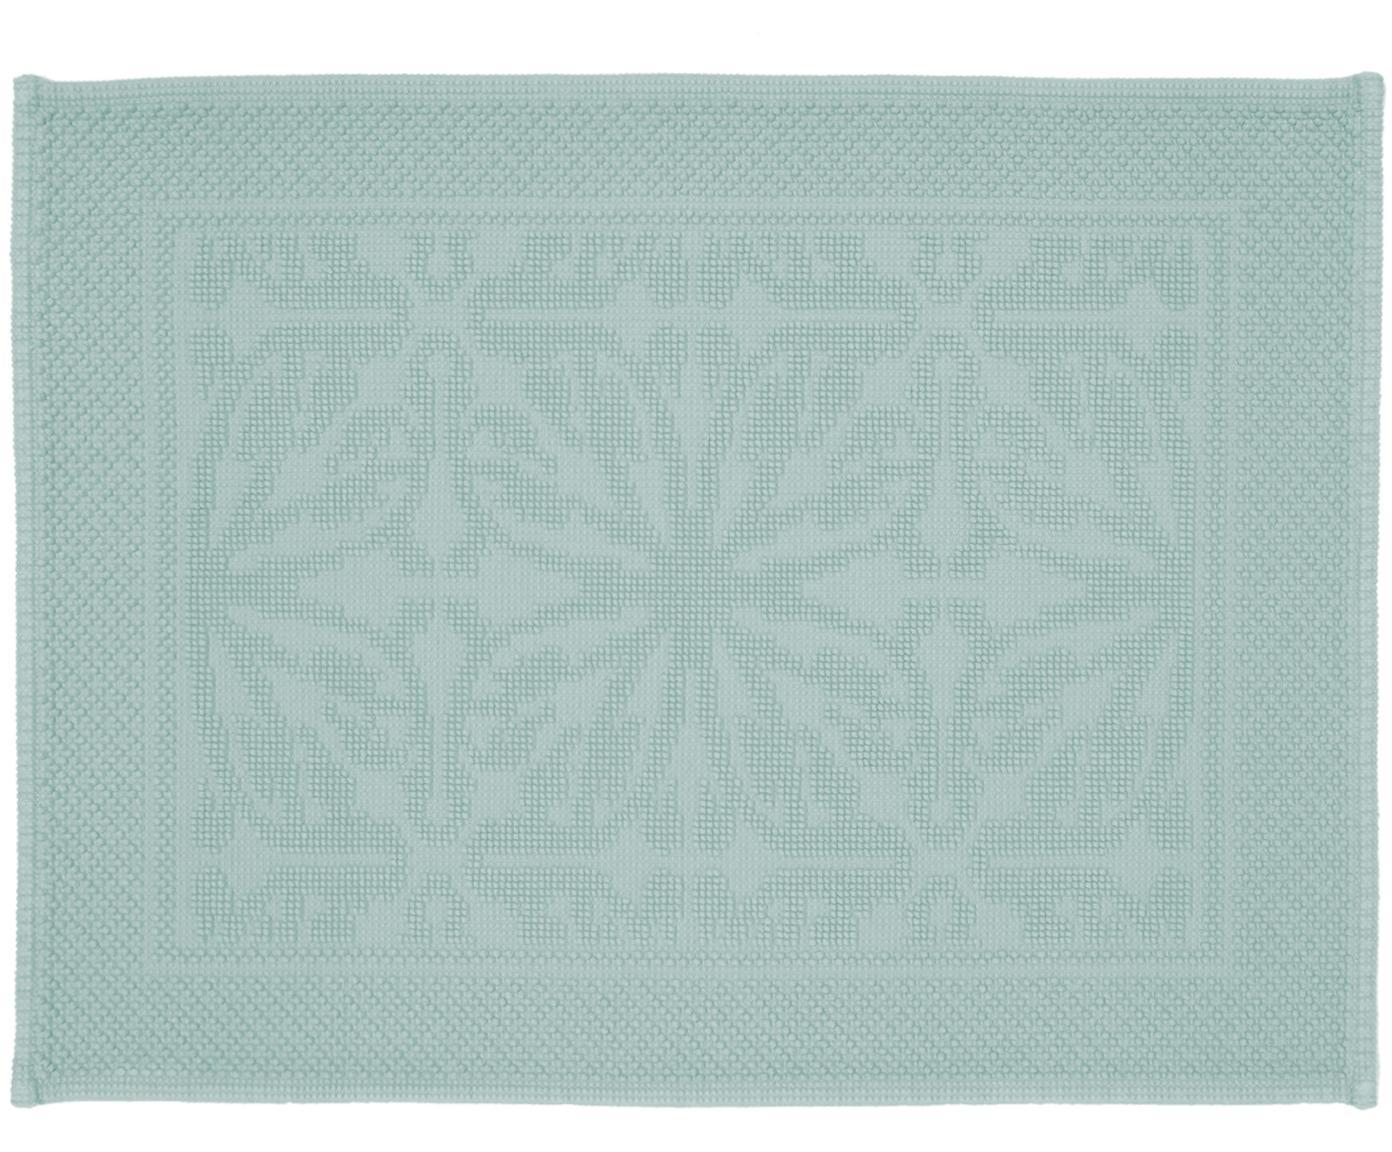 Badvorleger Hammam mit Hoch-Tief-Muster, 100% Baumwolle, schwere Qualität, 1700 g/m², Mintgrün, 60 x 80 cm